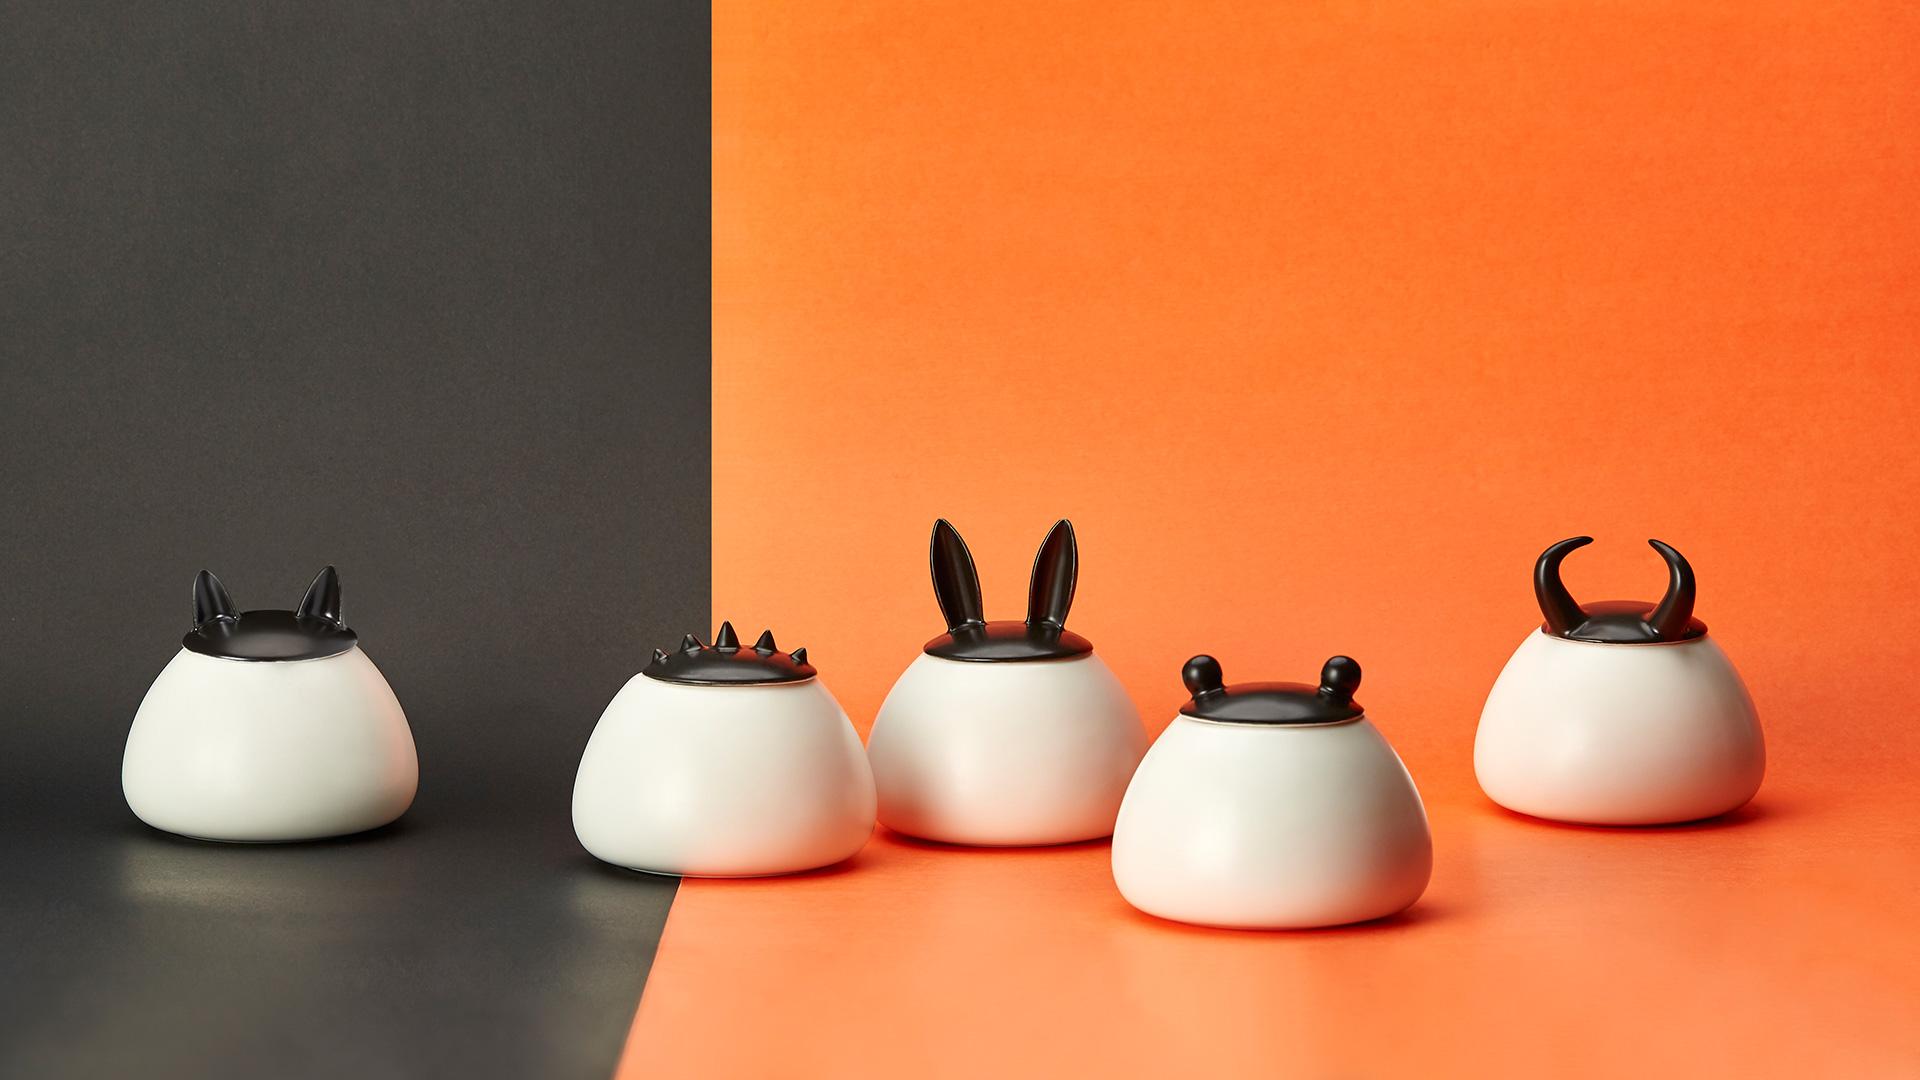 撞色对比,让眼前一亮的精致储物罐,餐桌或者厨房,都能立即活泼起来。